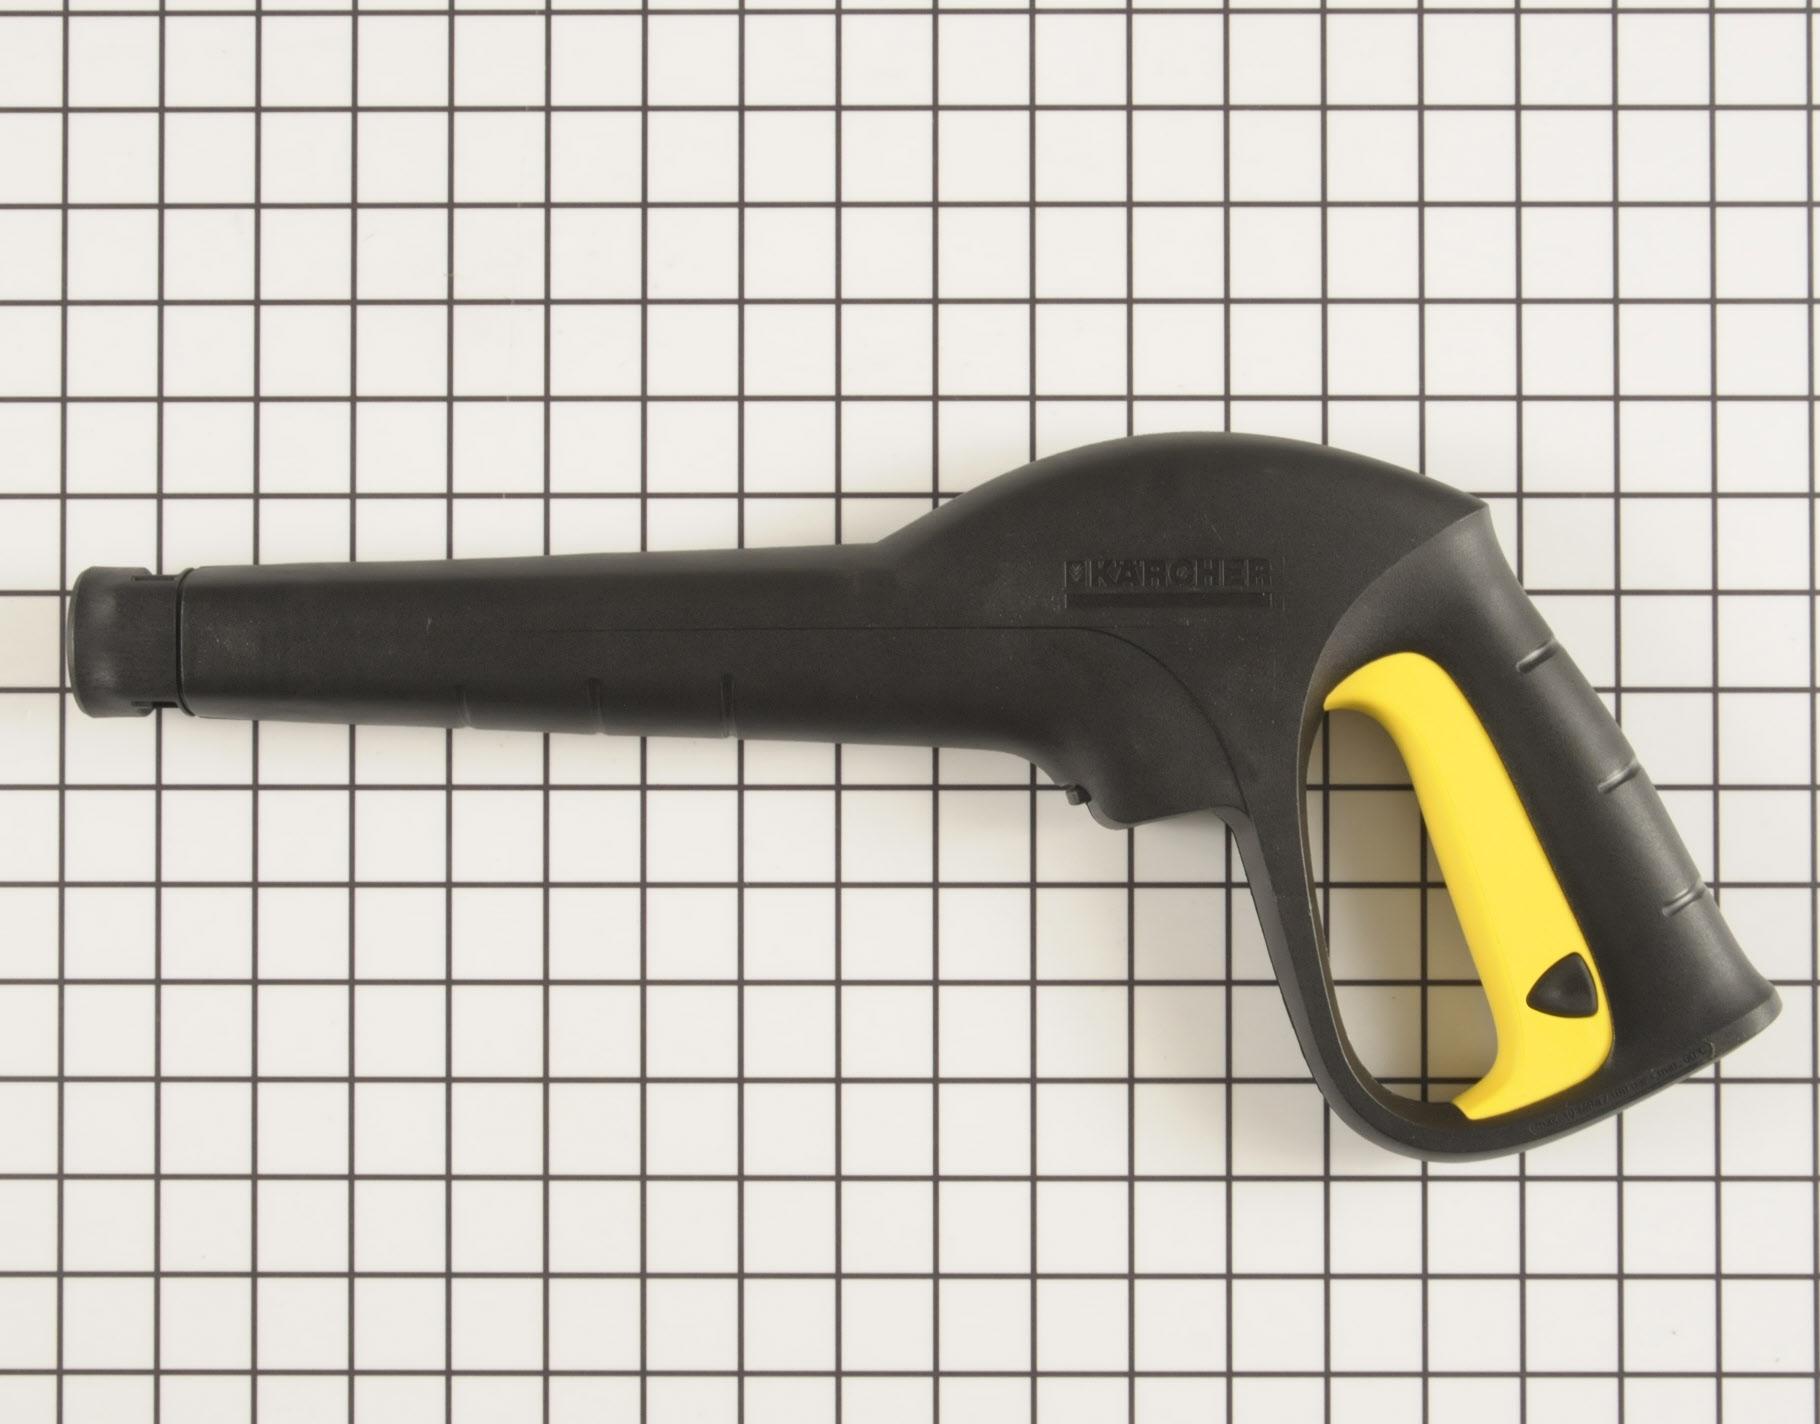 Pressure Washer Part #  - Handle Trigger - Karcher 2.641-959.0